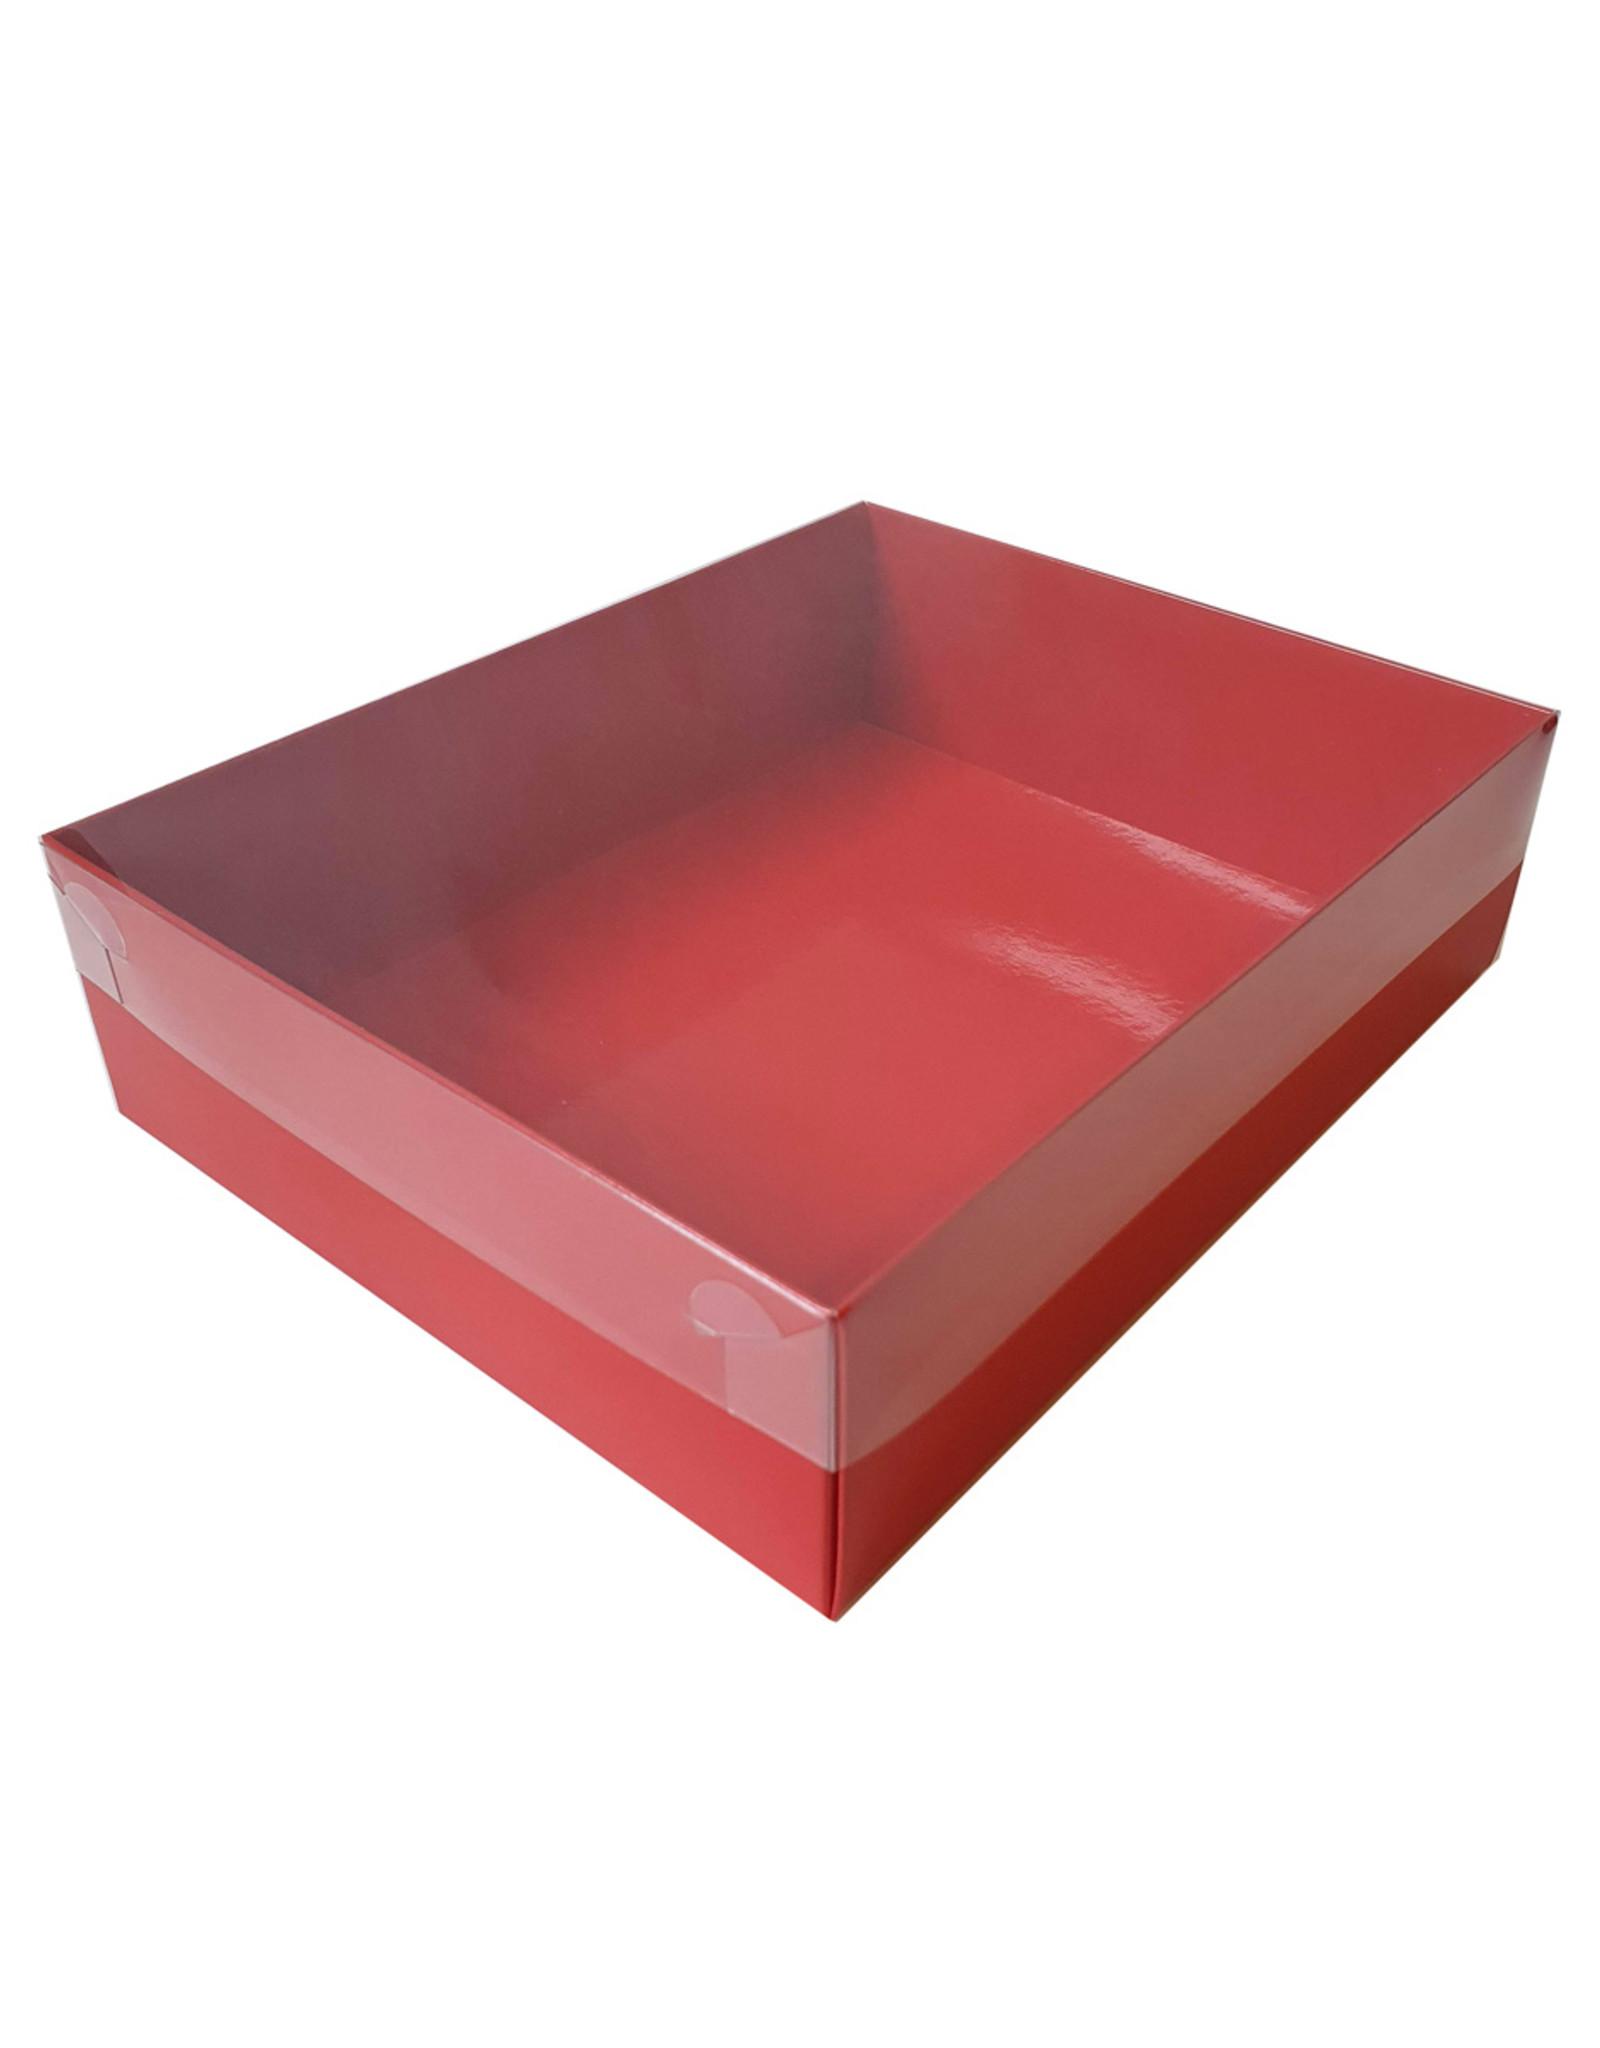 Rode sweetsbox met transparant deksel - 25 x 20 x 7 cm (per 50 stuks)